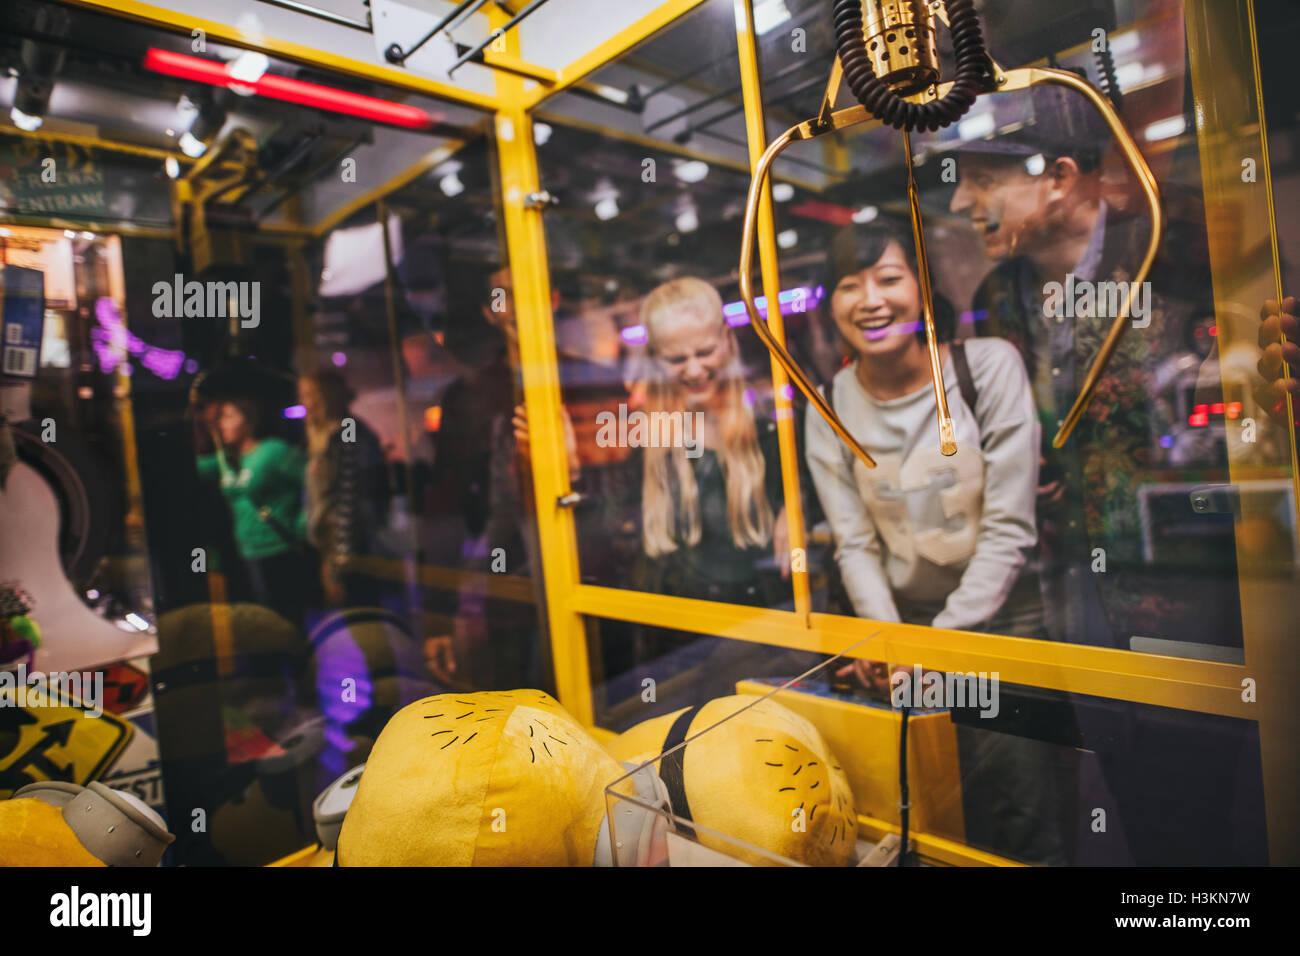 Mujer joven feliz jugando toy agarrando juego con amigos en el parque de diversiones. Imagen De Stock